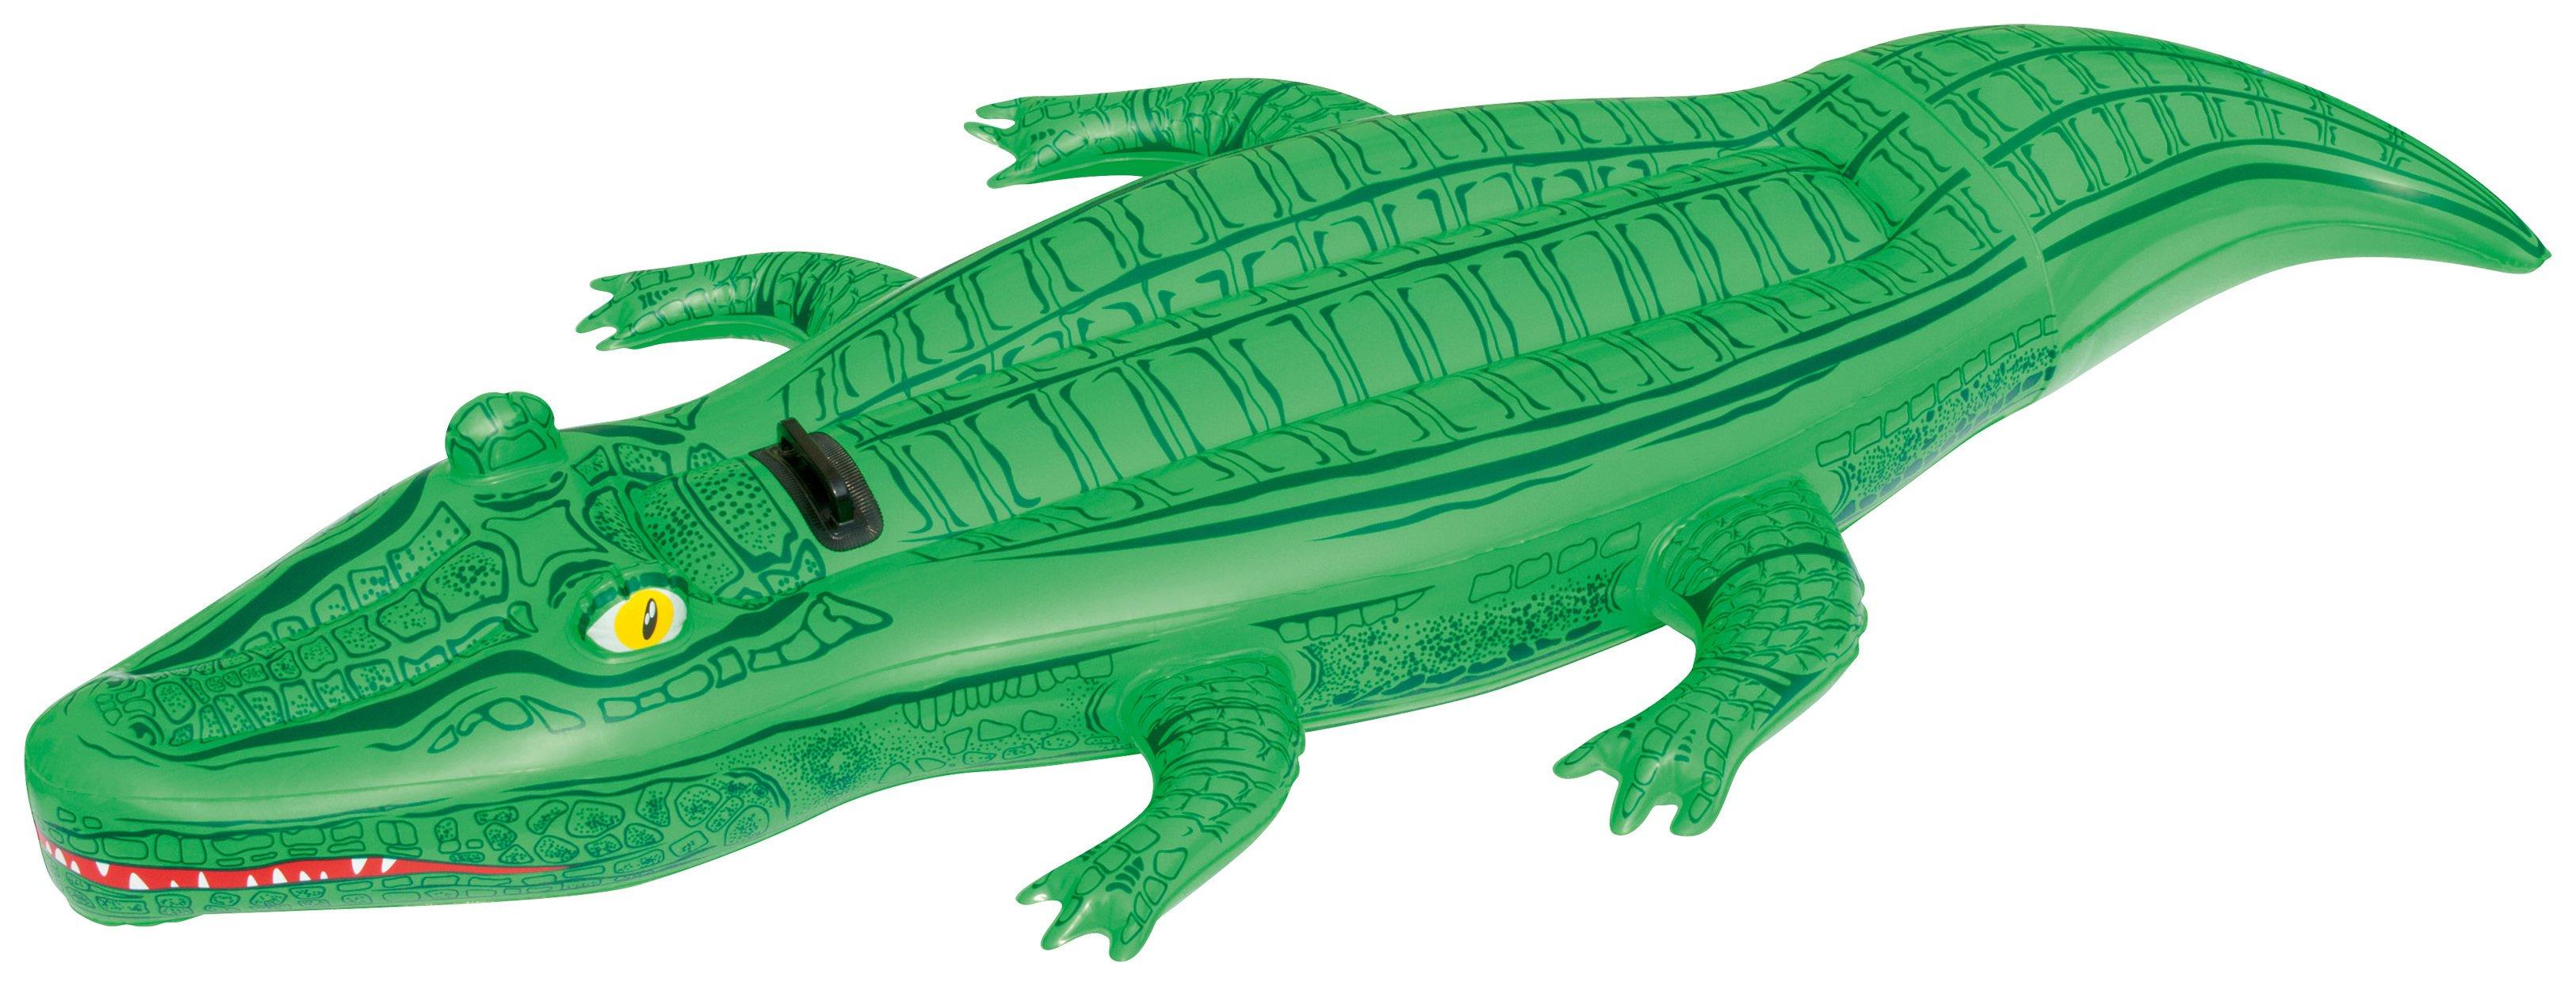 Image of Bestway 2.03cm Crocodile Ride-on.